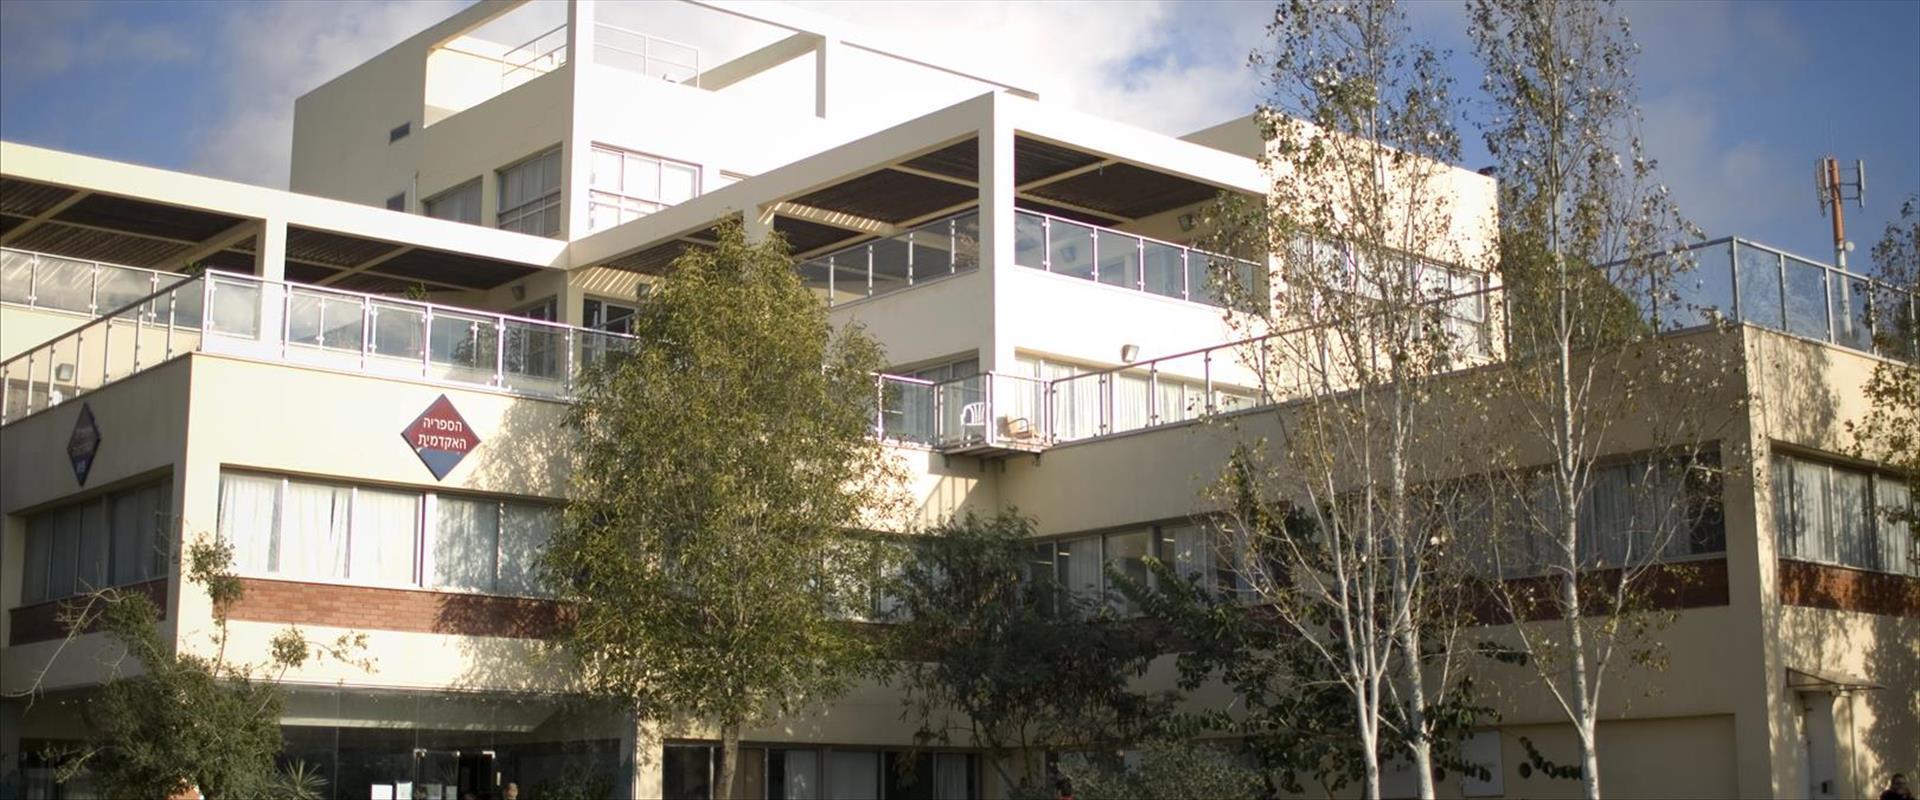 אוניברסיטת אריאל, ארכיון